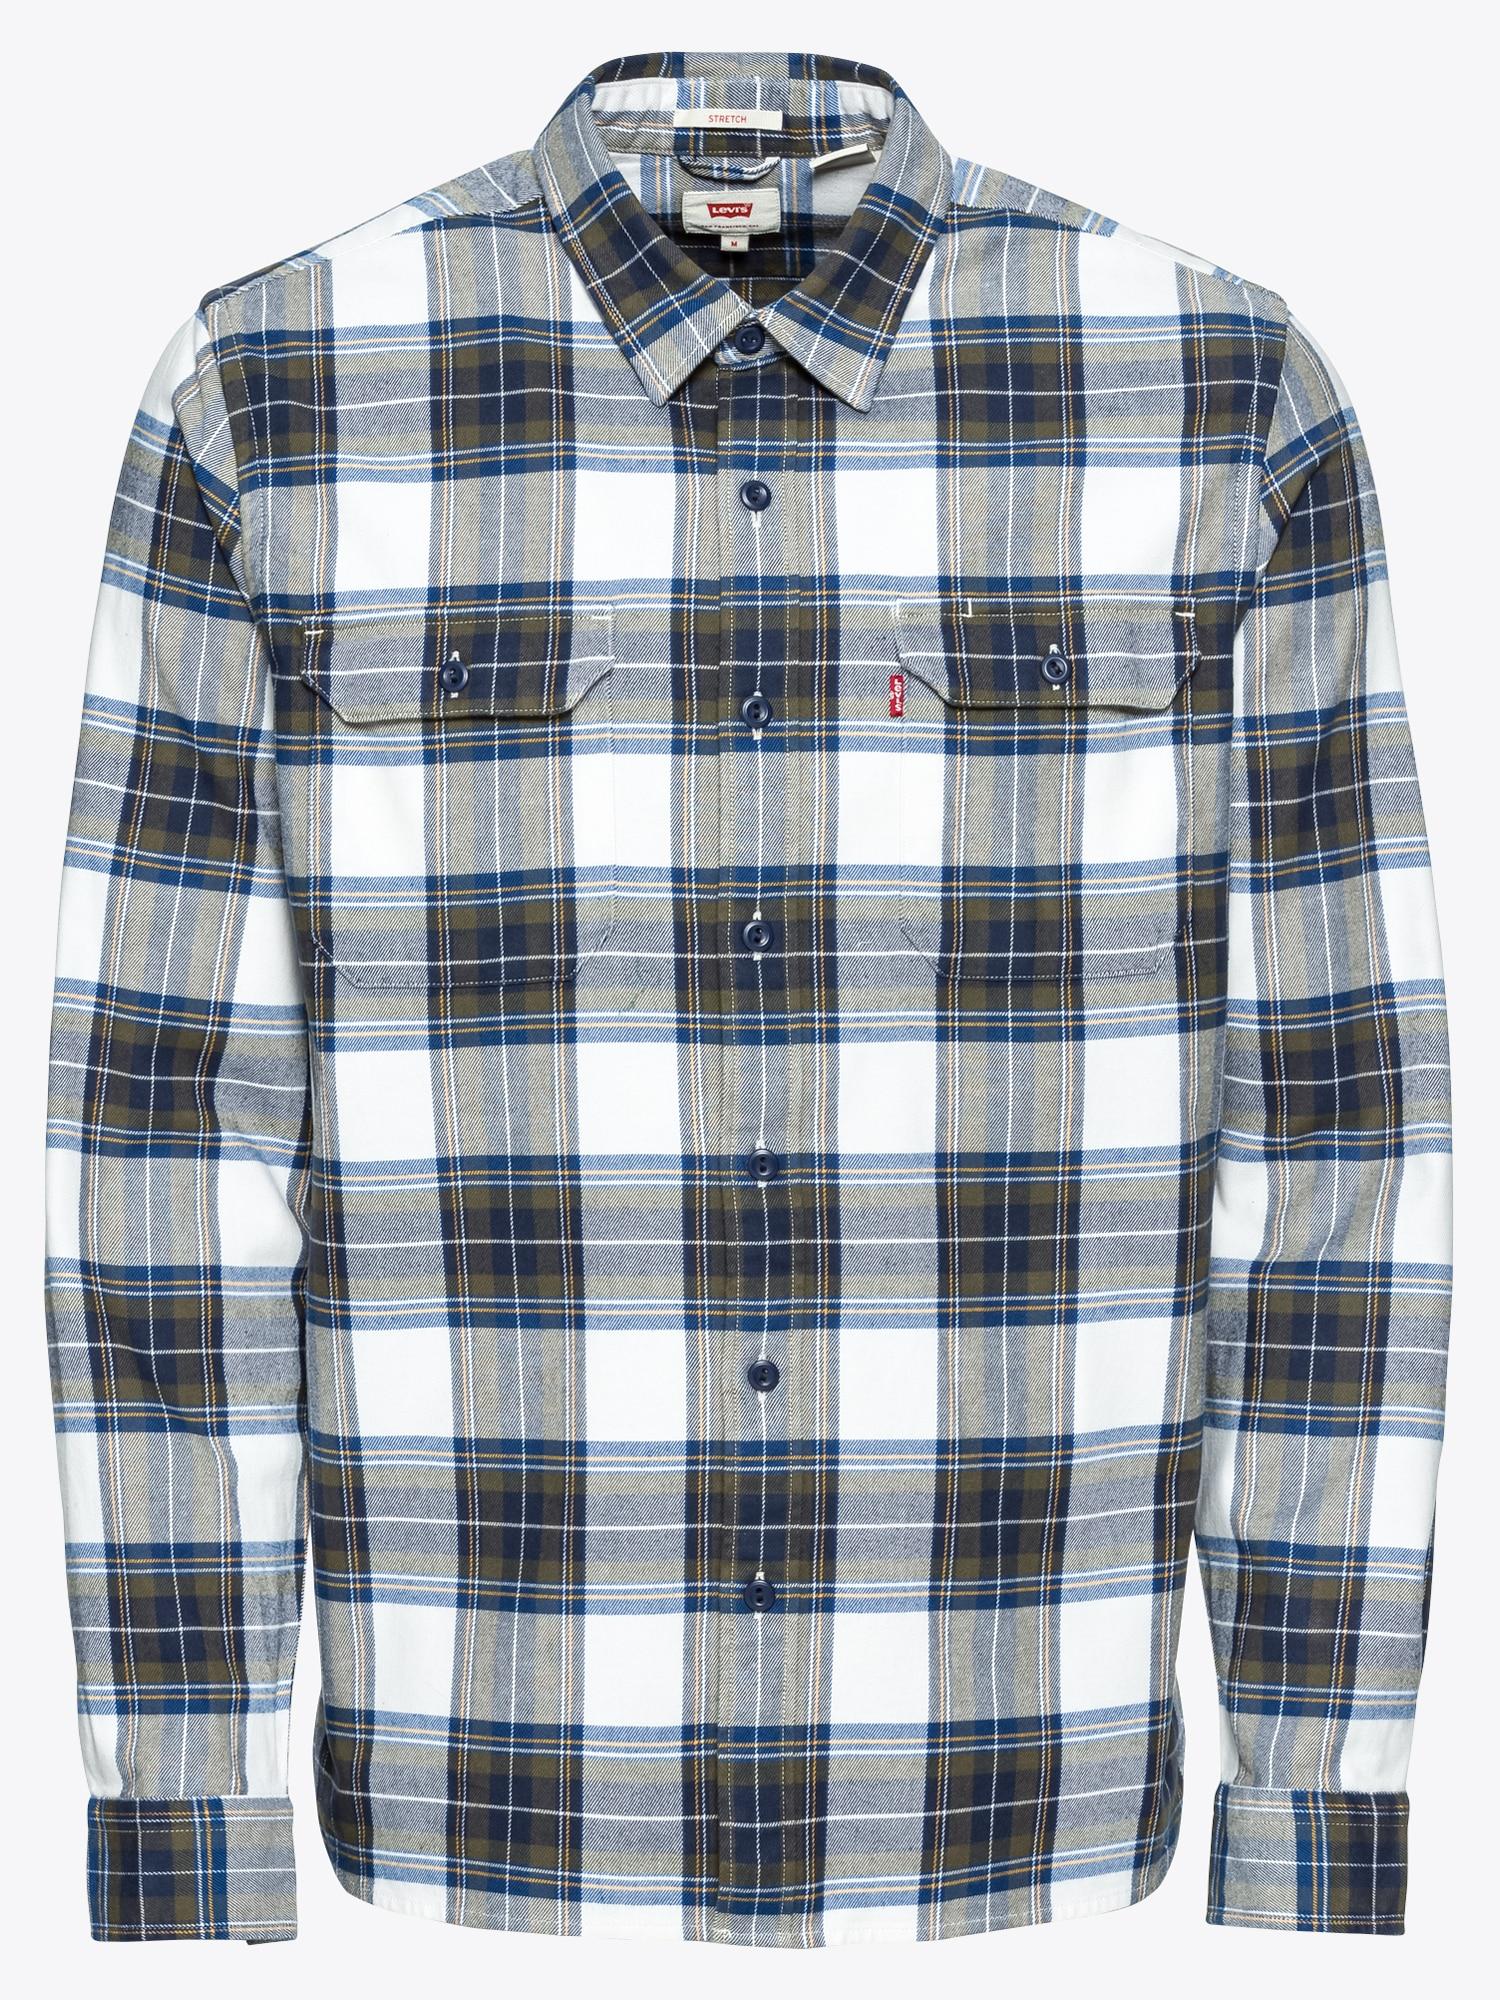 Donkerblauw Heren Overhemd.Levis Heren Overhemd Jacksonworker Donkerblauw Olijfgroen Wit Shop